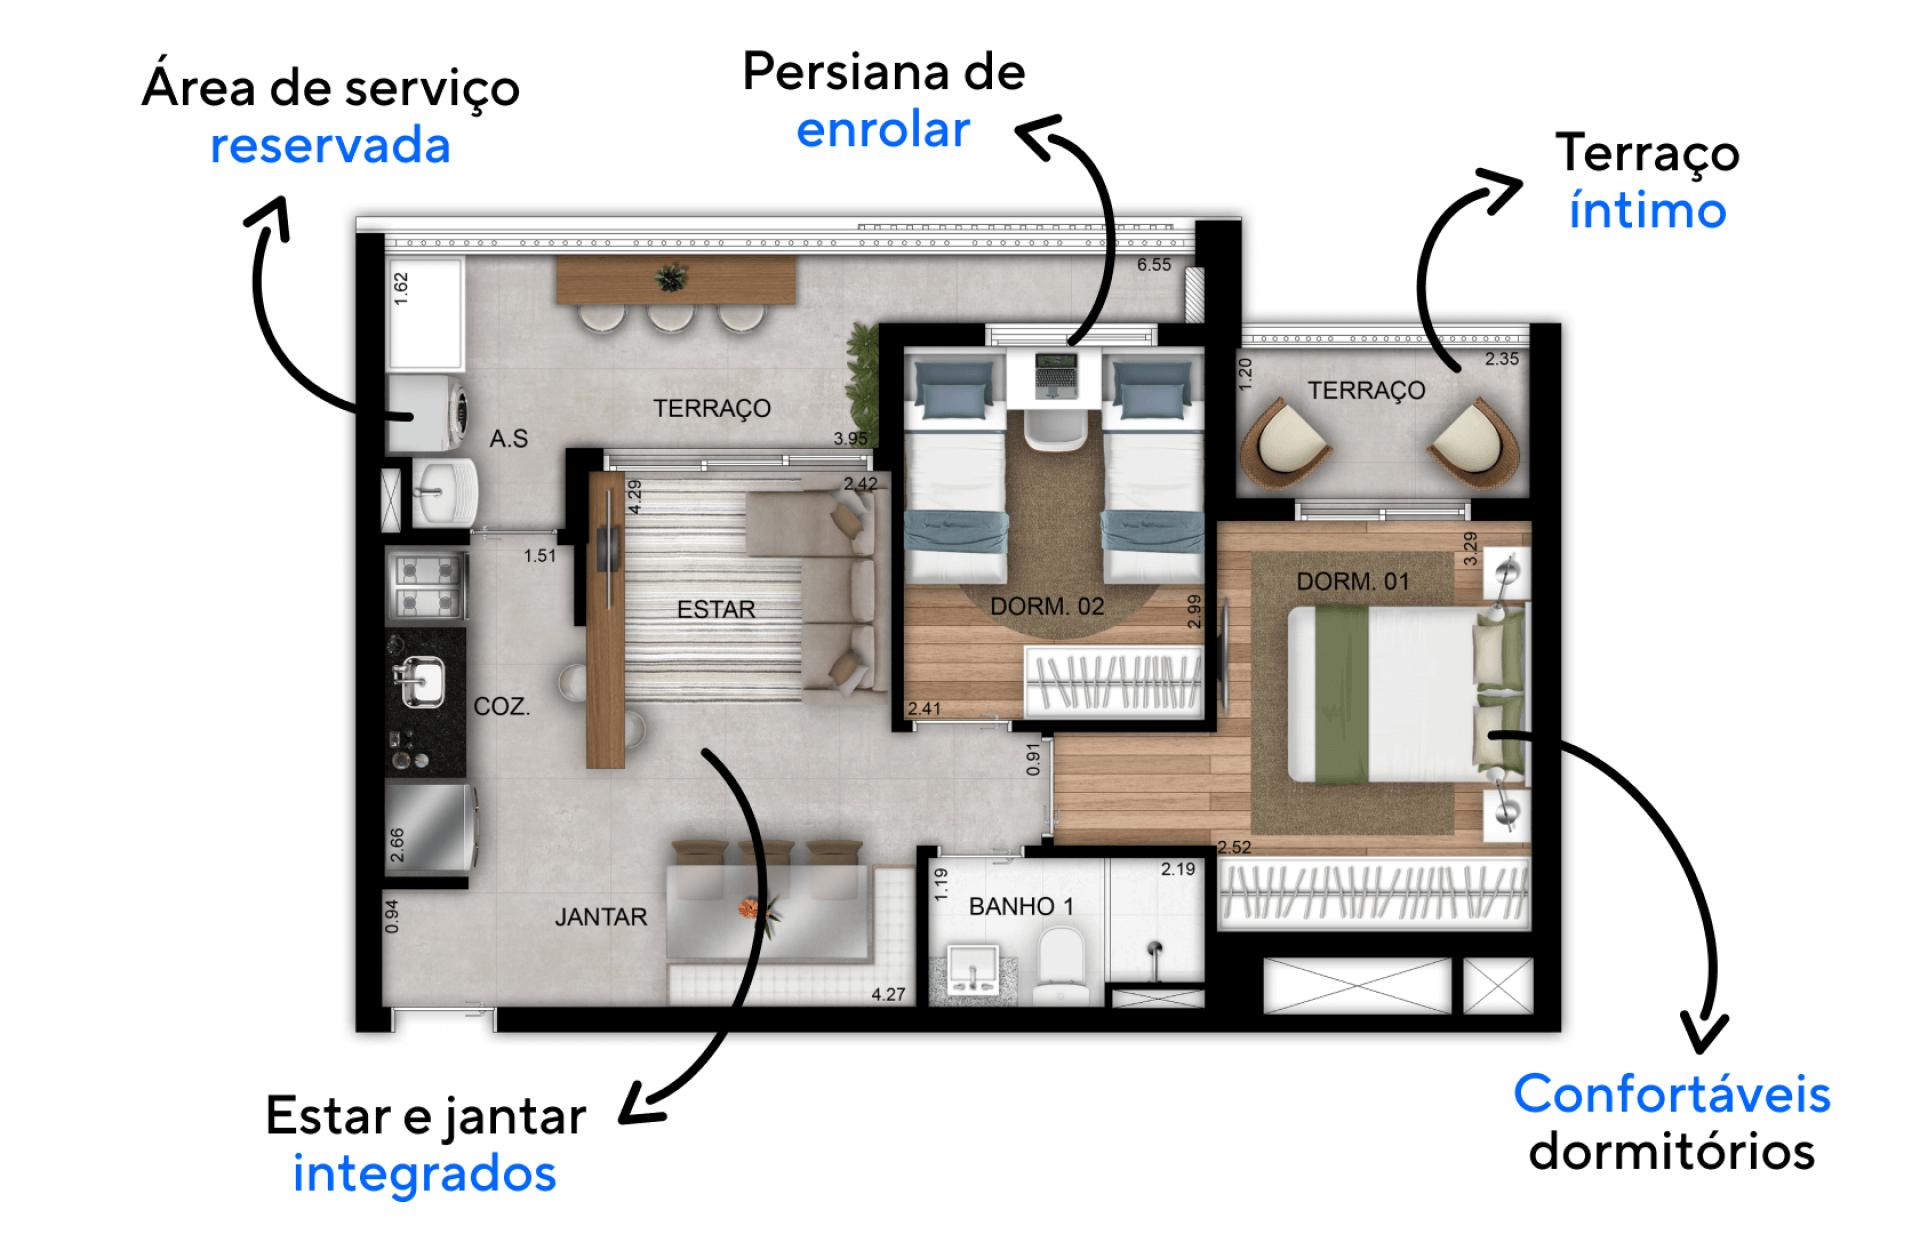 56 M² - 2 DORMITÓRIOS. Apartamentos com configuração funcional para o dia a dia da família, com 2 dormitórios, living integrado, cozinha linear e terraço, possui tudo o que é preciso para viver bem e confortavelmente!